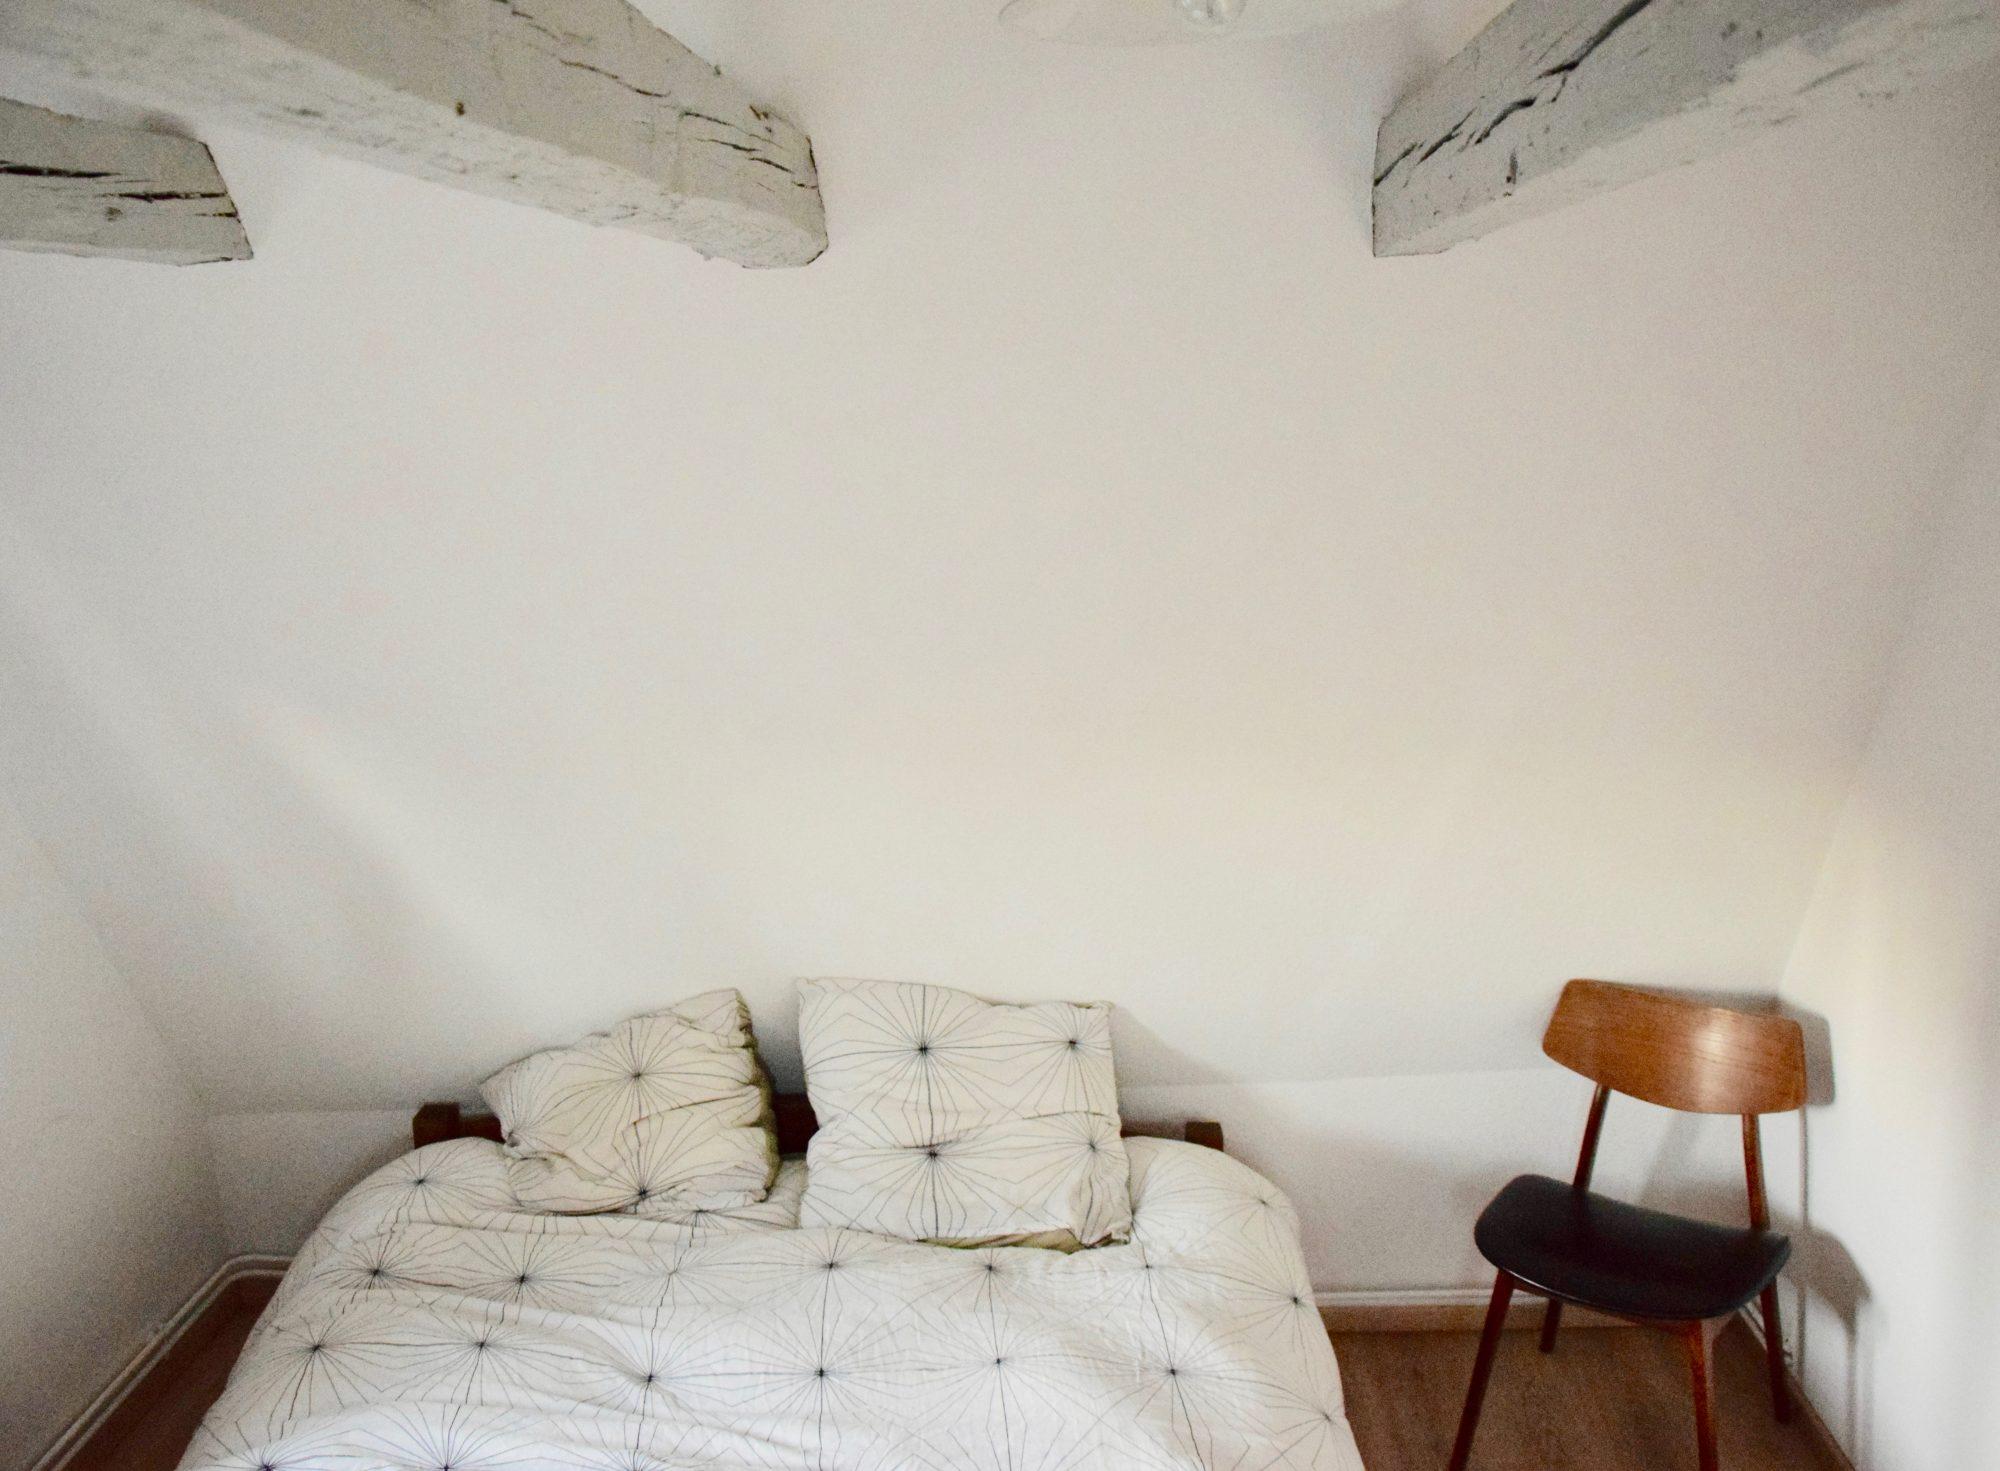 3 PIECES EN DUPLEX GRANDE ÎLE - Devenez locataire en toute sérénité - Bintz Immobilier - 8